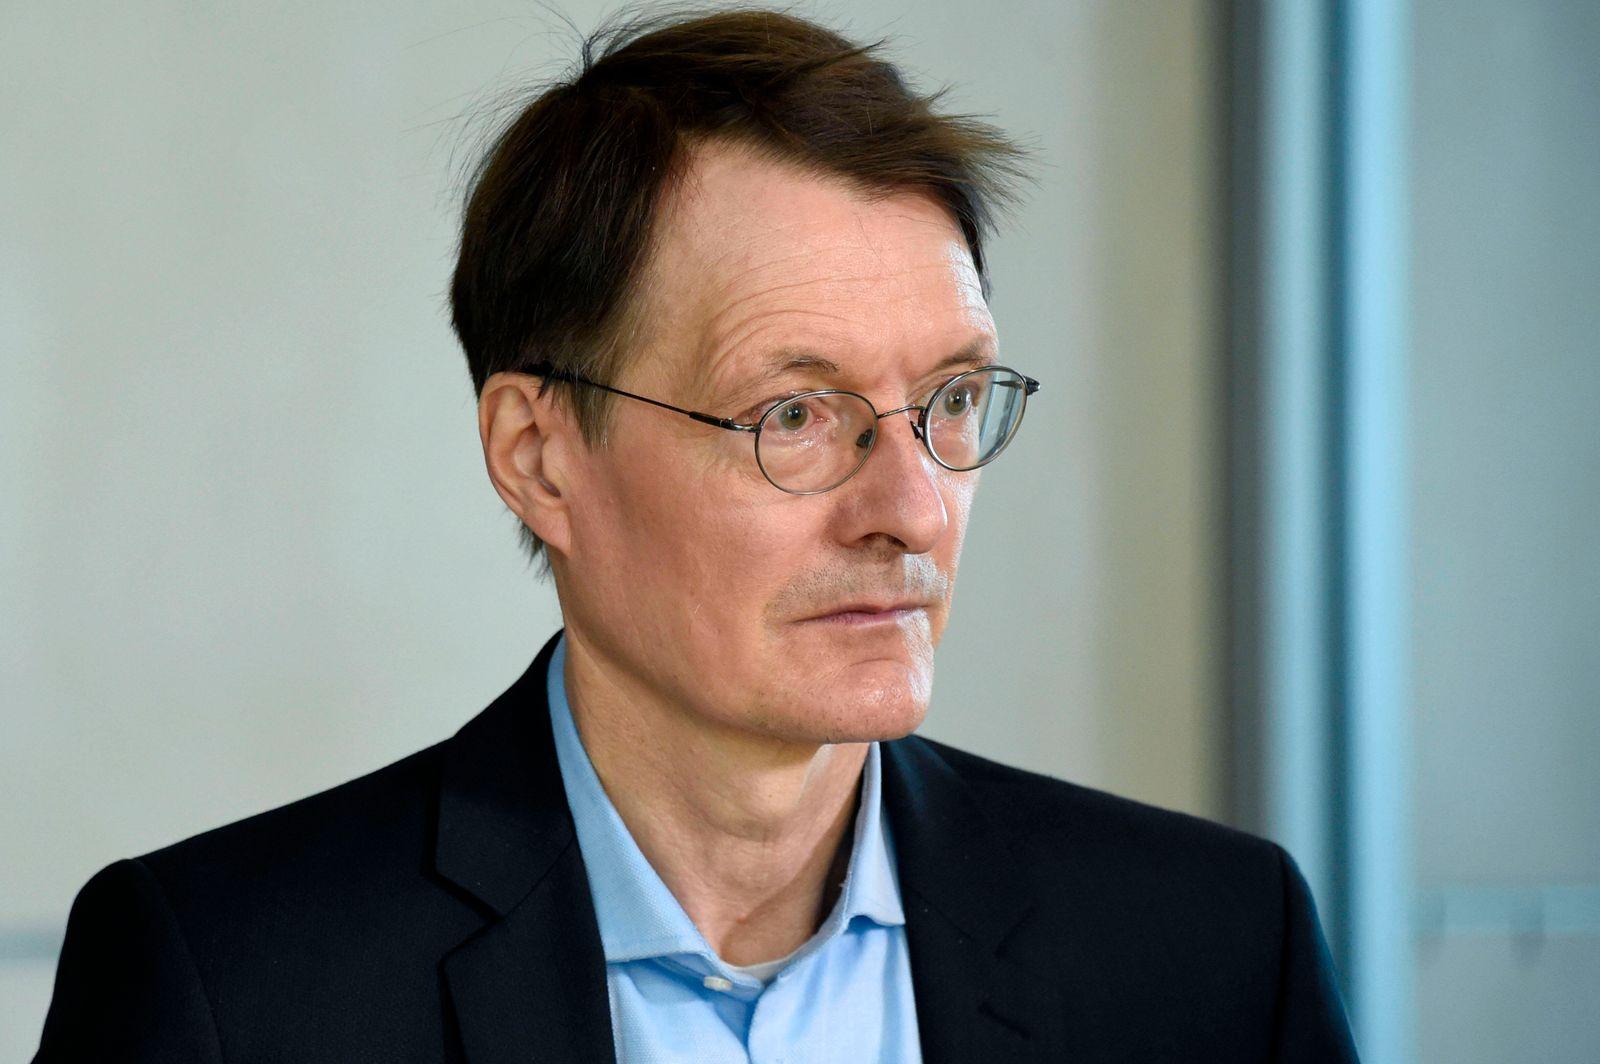 Karl Lauterbach bei einem Pressestatement am Rande der 233. Sitzung des Deutschen Bundestages im Reichstagsgebäude. Ber